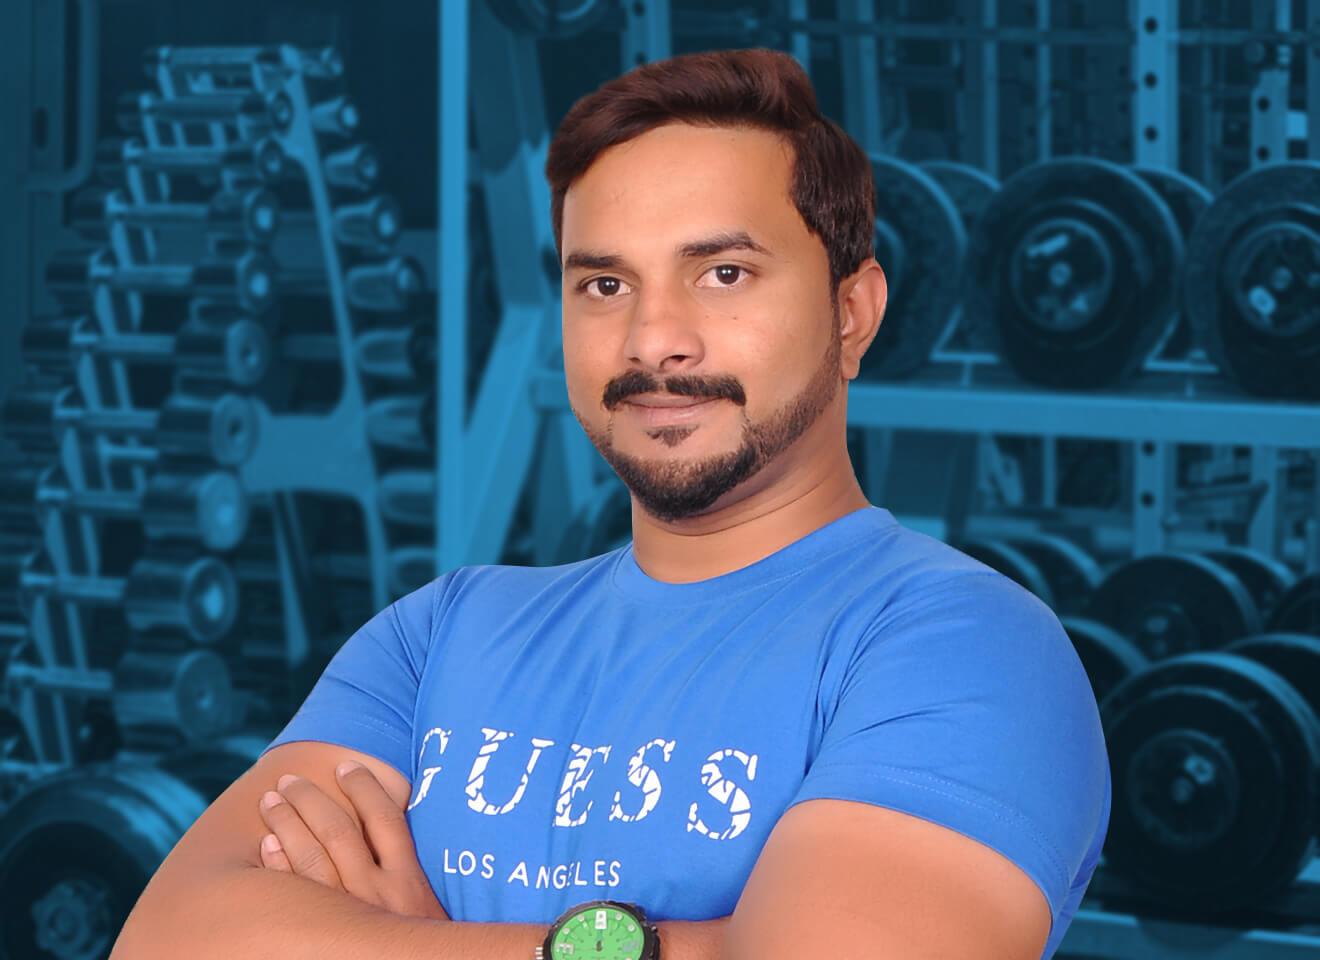 Mohamed Arif